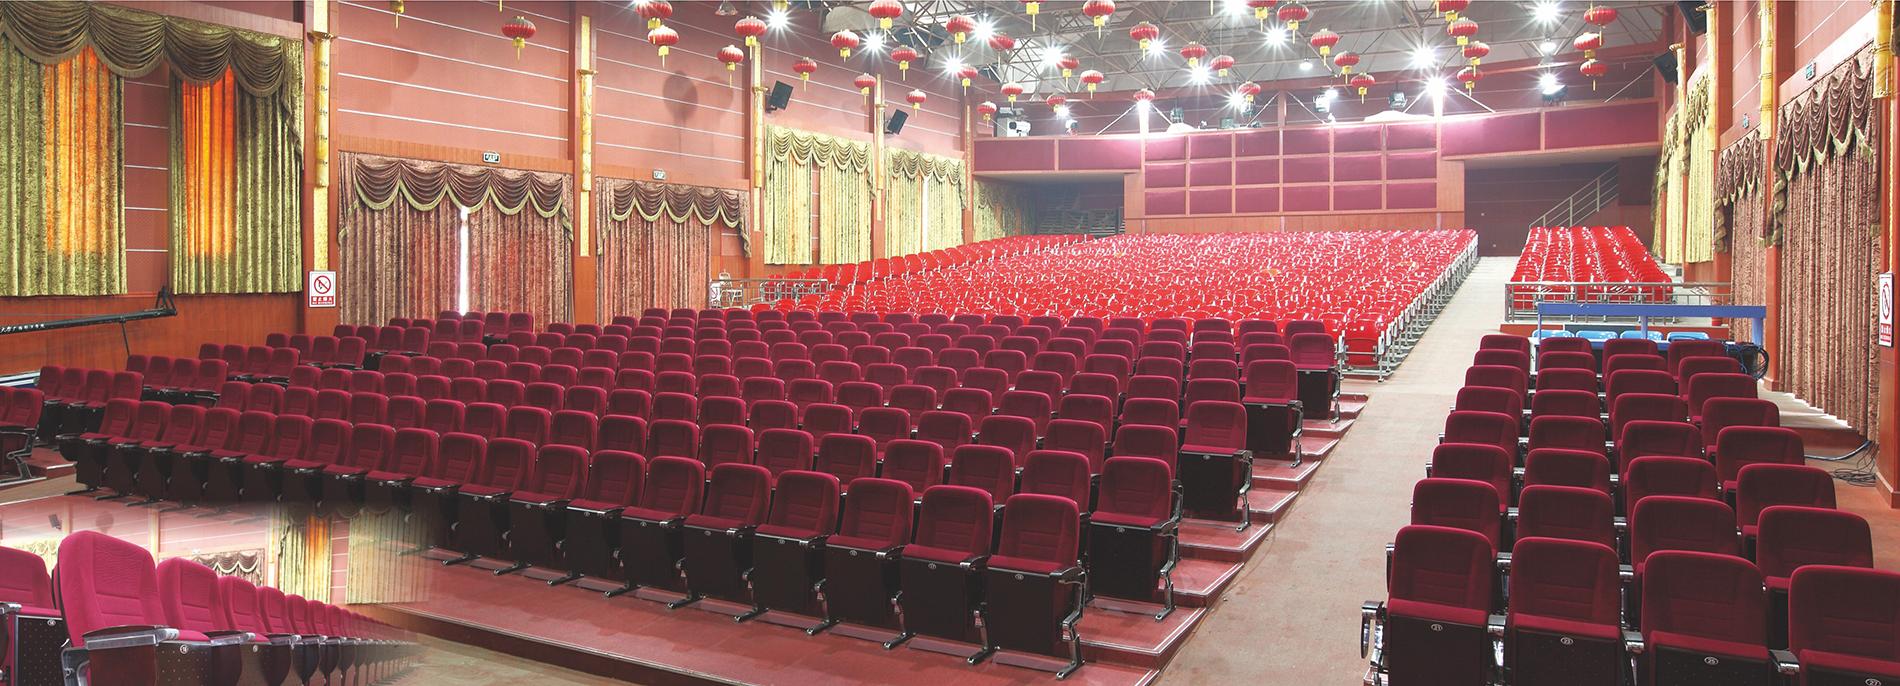 礼堂剧院椅系列